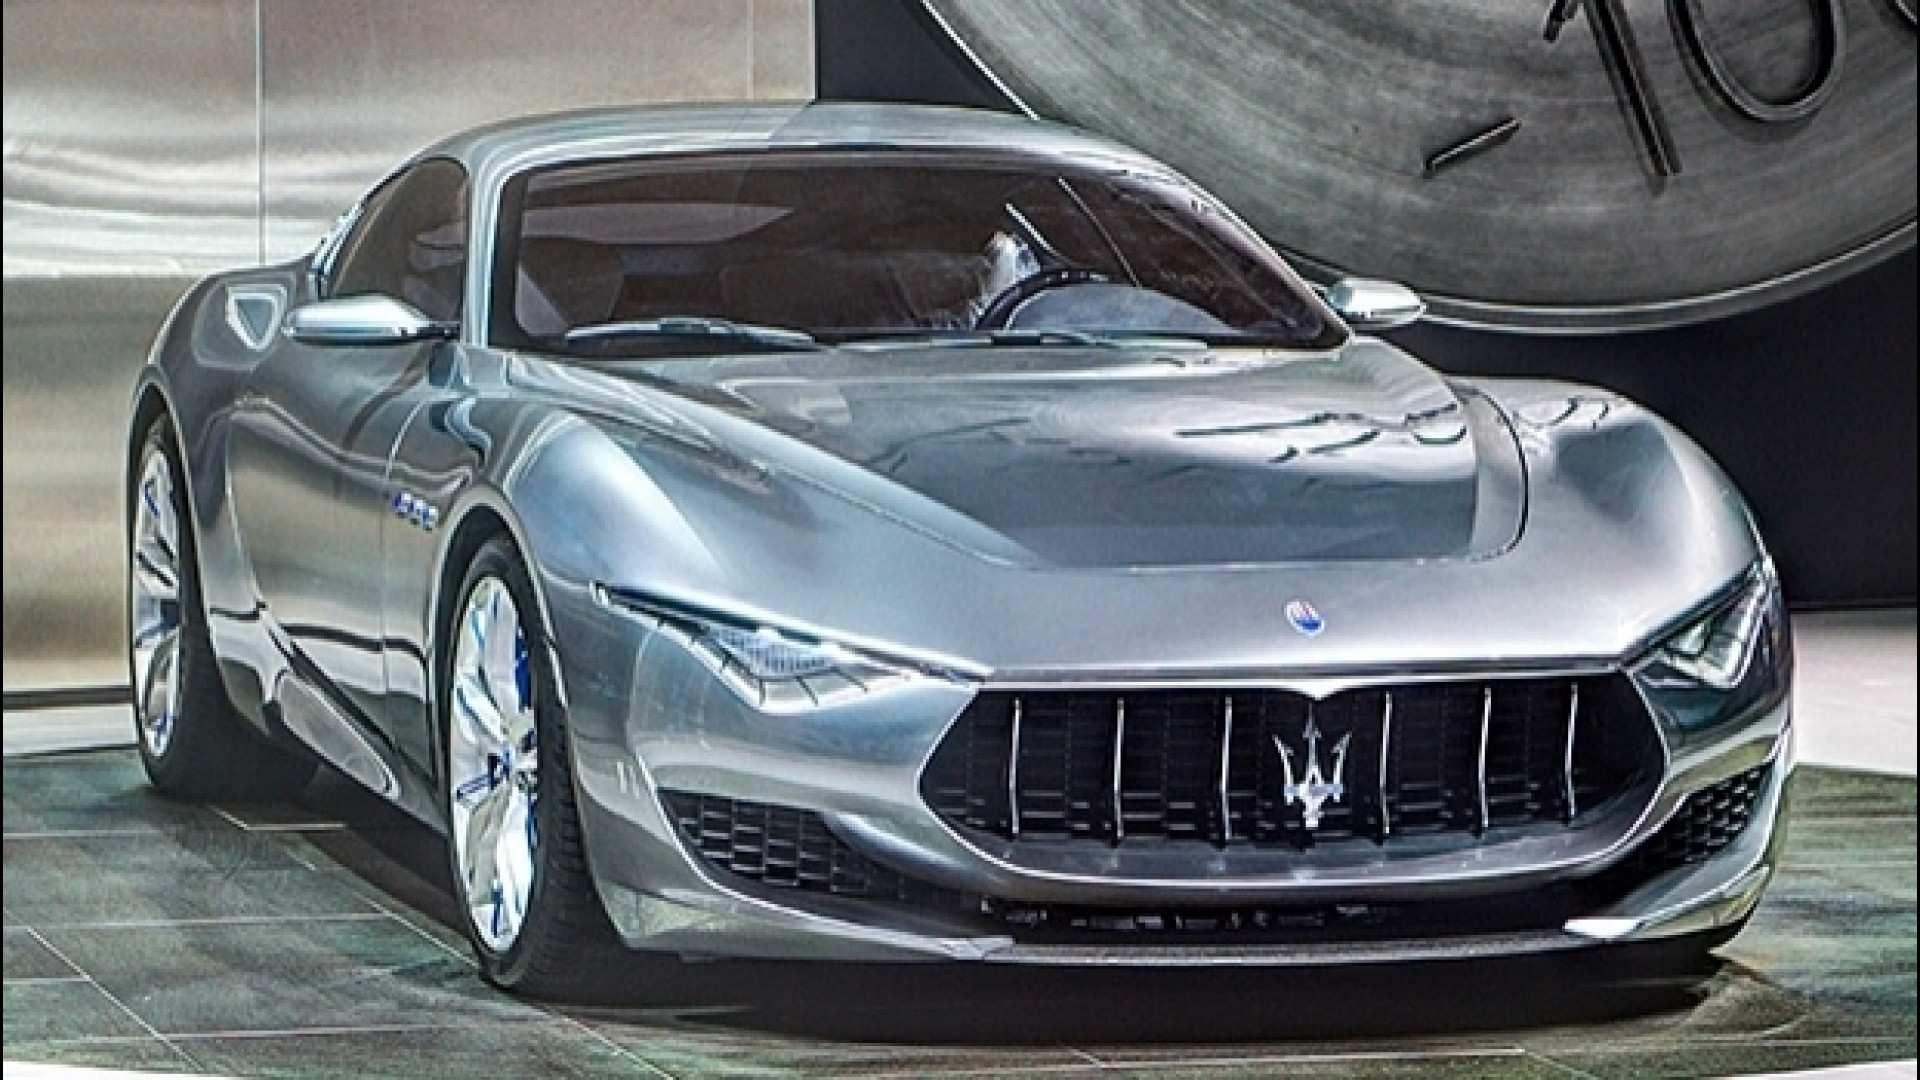 84 New Maserati Elettrica 2020 Engine with Maserati Elettrica 2020